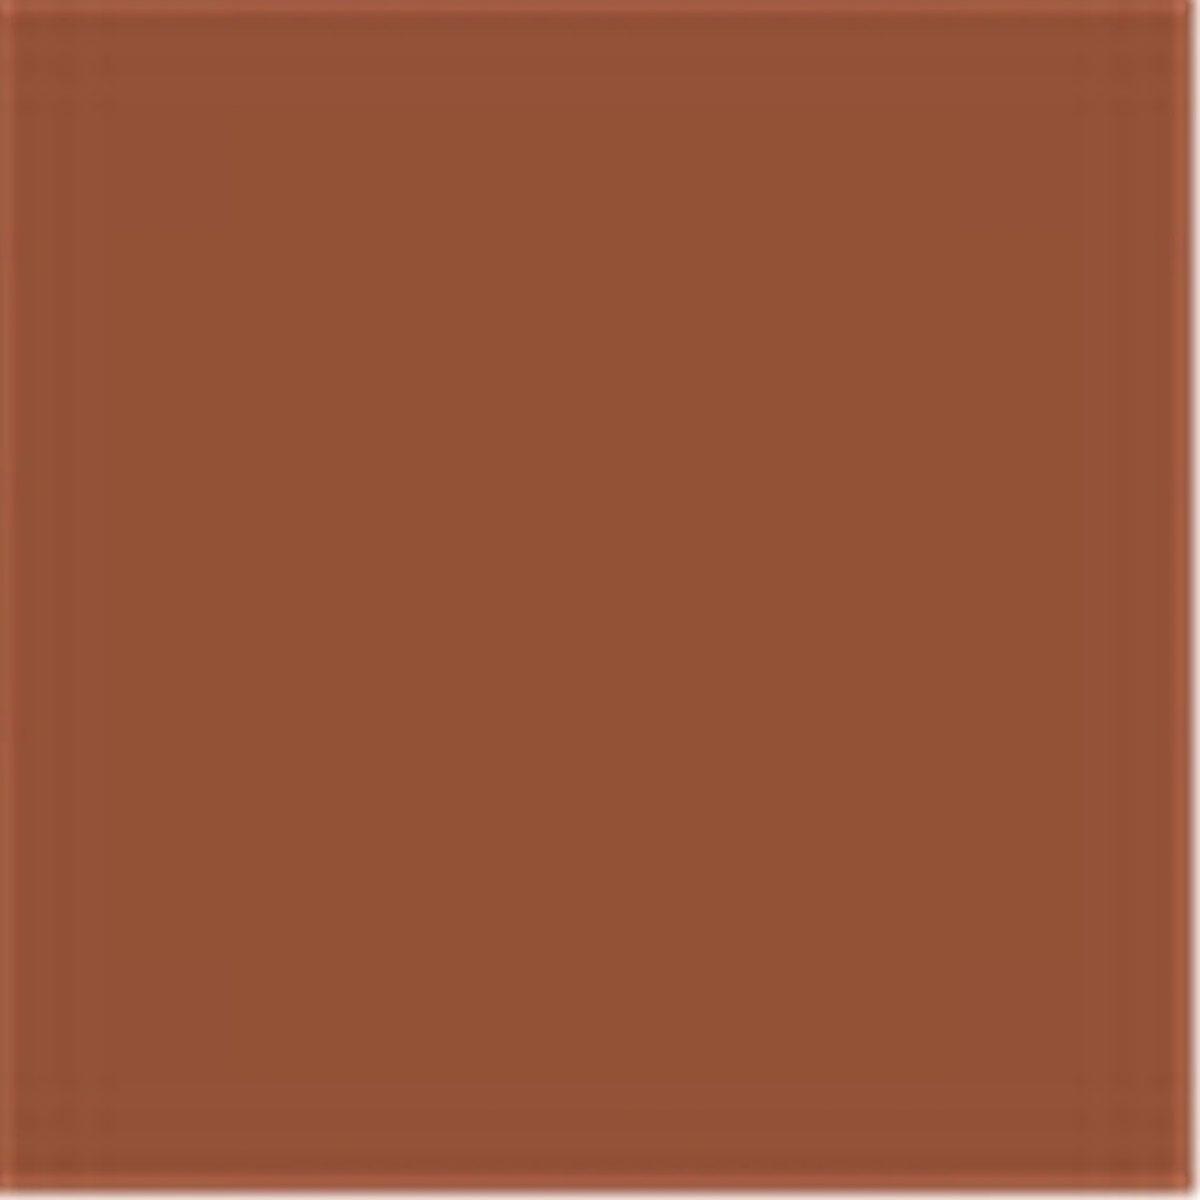 color-terra-siena-rgb